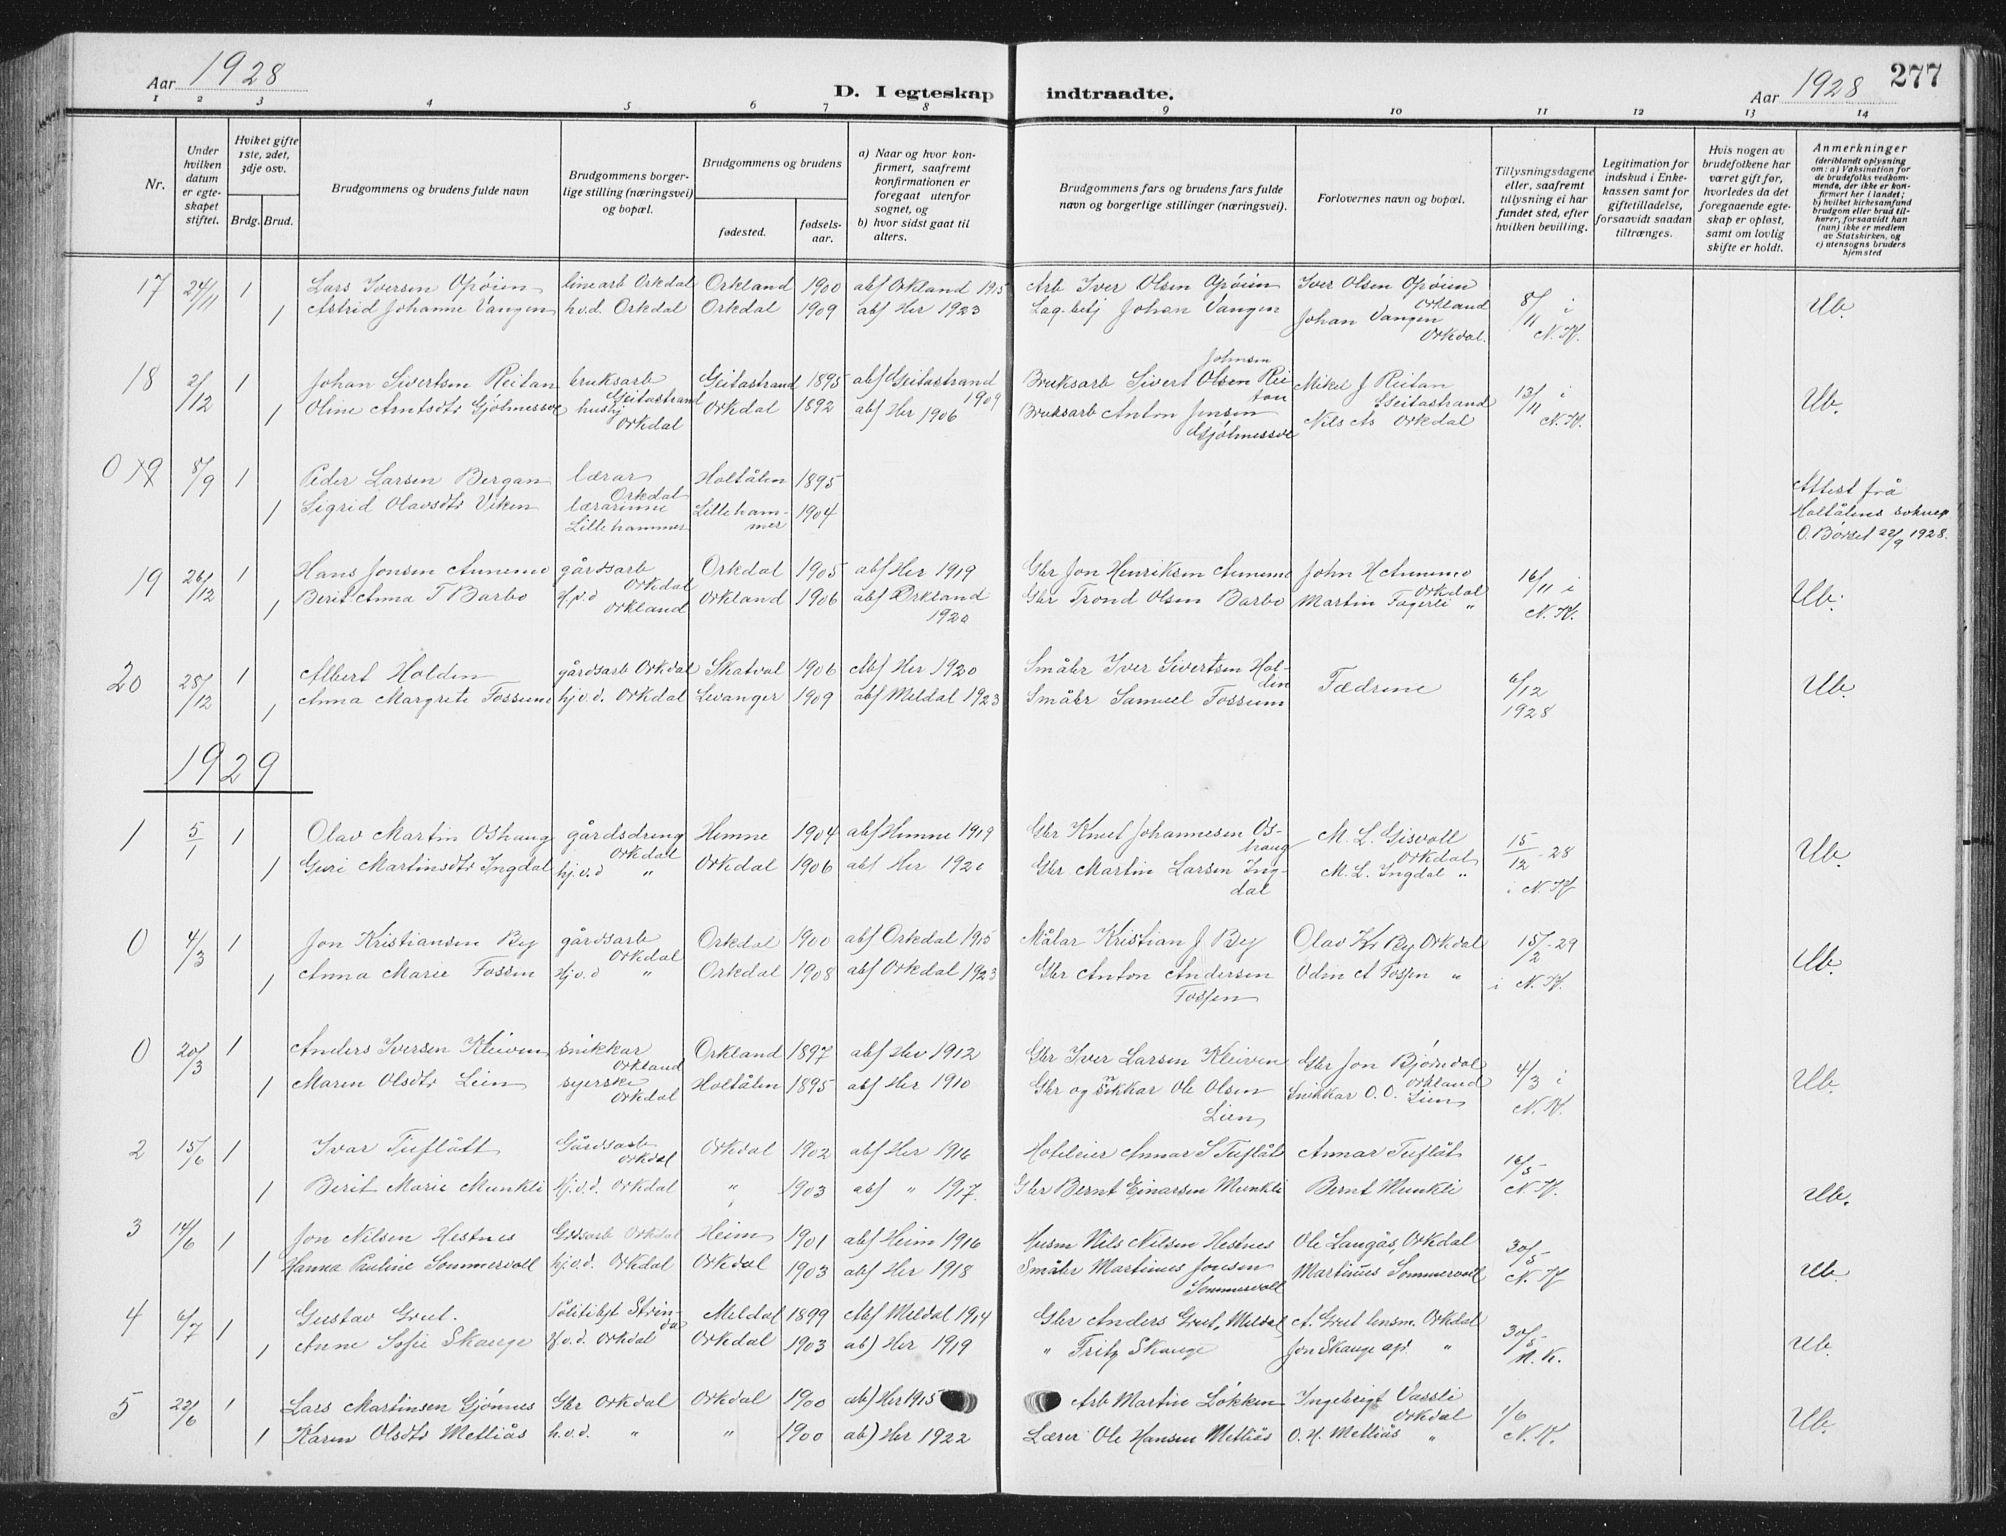 SAT, Ministerialprotokoller, klokkerbøker og fødselsregistre - Sør-Trøndelag, 668/L0820: Klokkerbok nr. 668C09, 1912-1936, s. 277